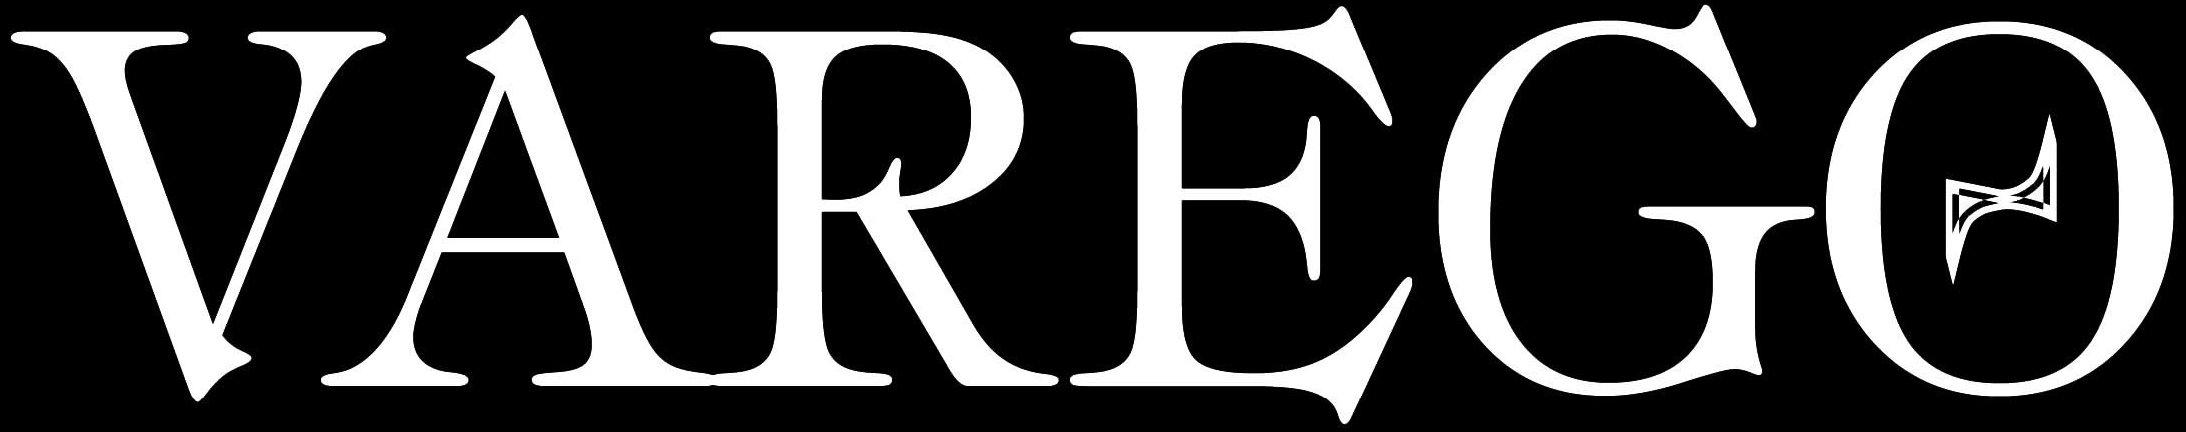 Varego - Logo